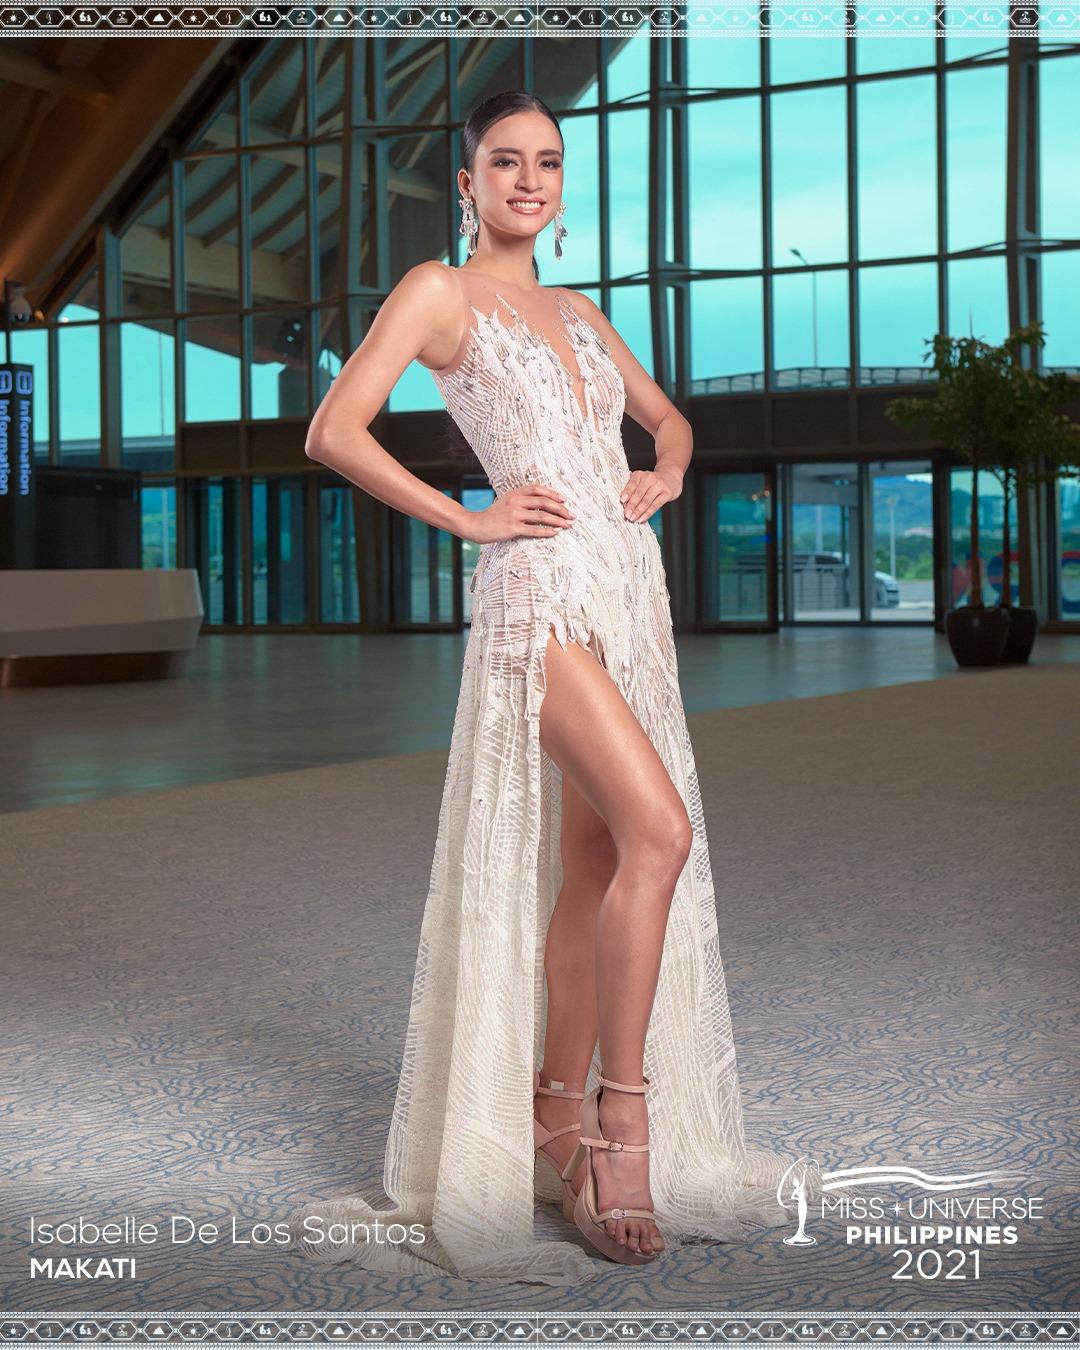 isabelle-de-los-santos-miss-universe-evening-gown-photo